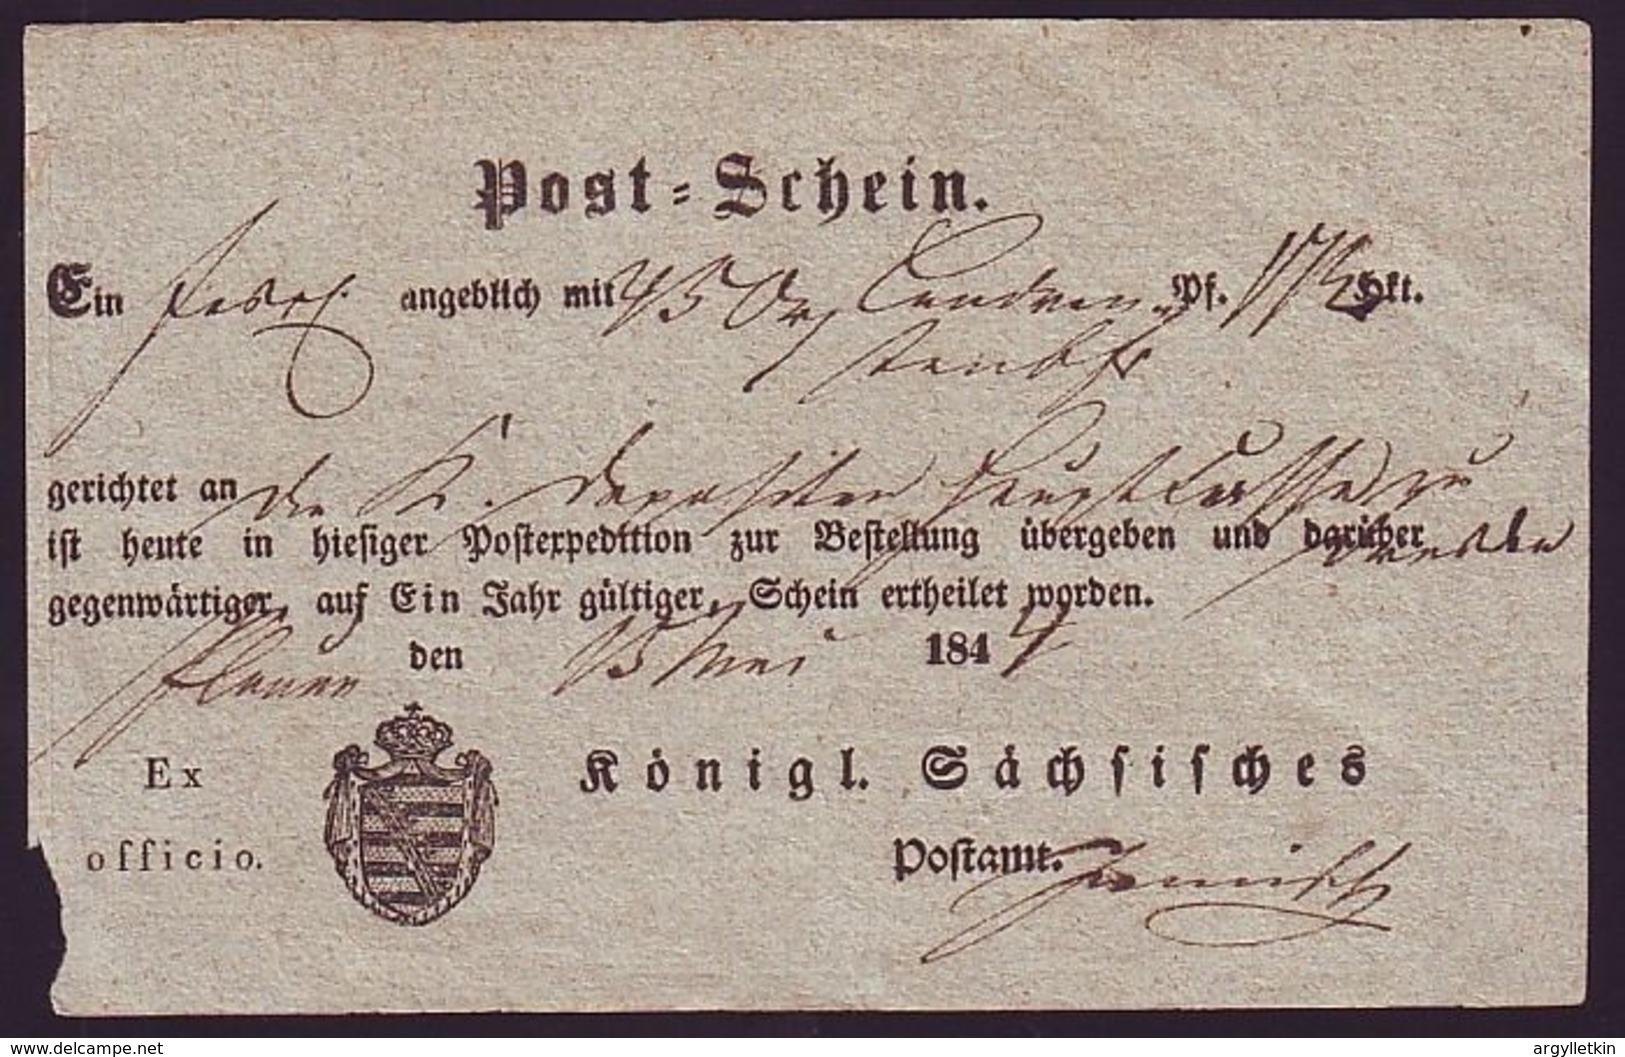 GERMANY SAXONY POSTAL RECEIPTS 1844 - Germany